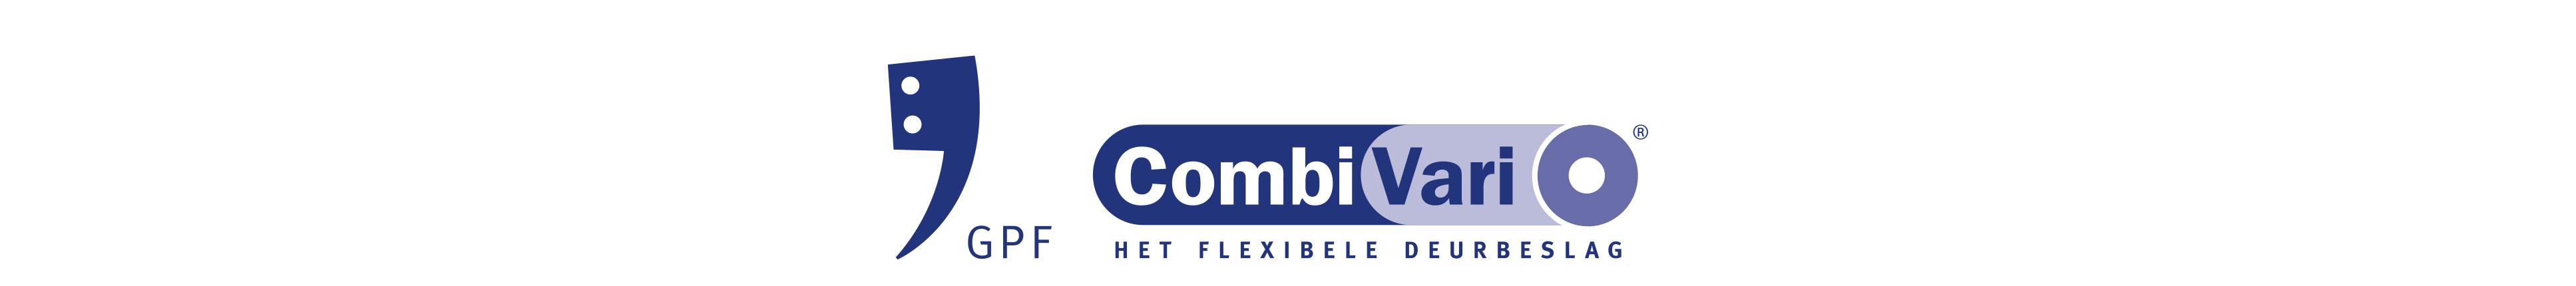 GPF CombiVari